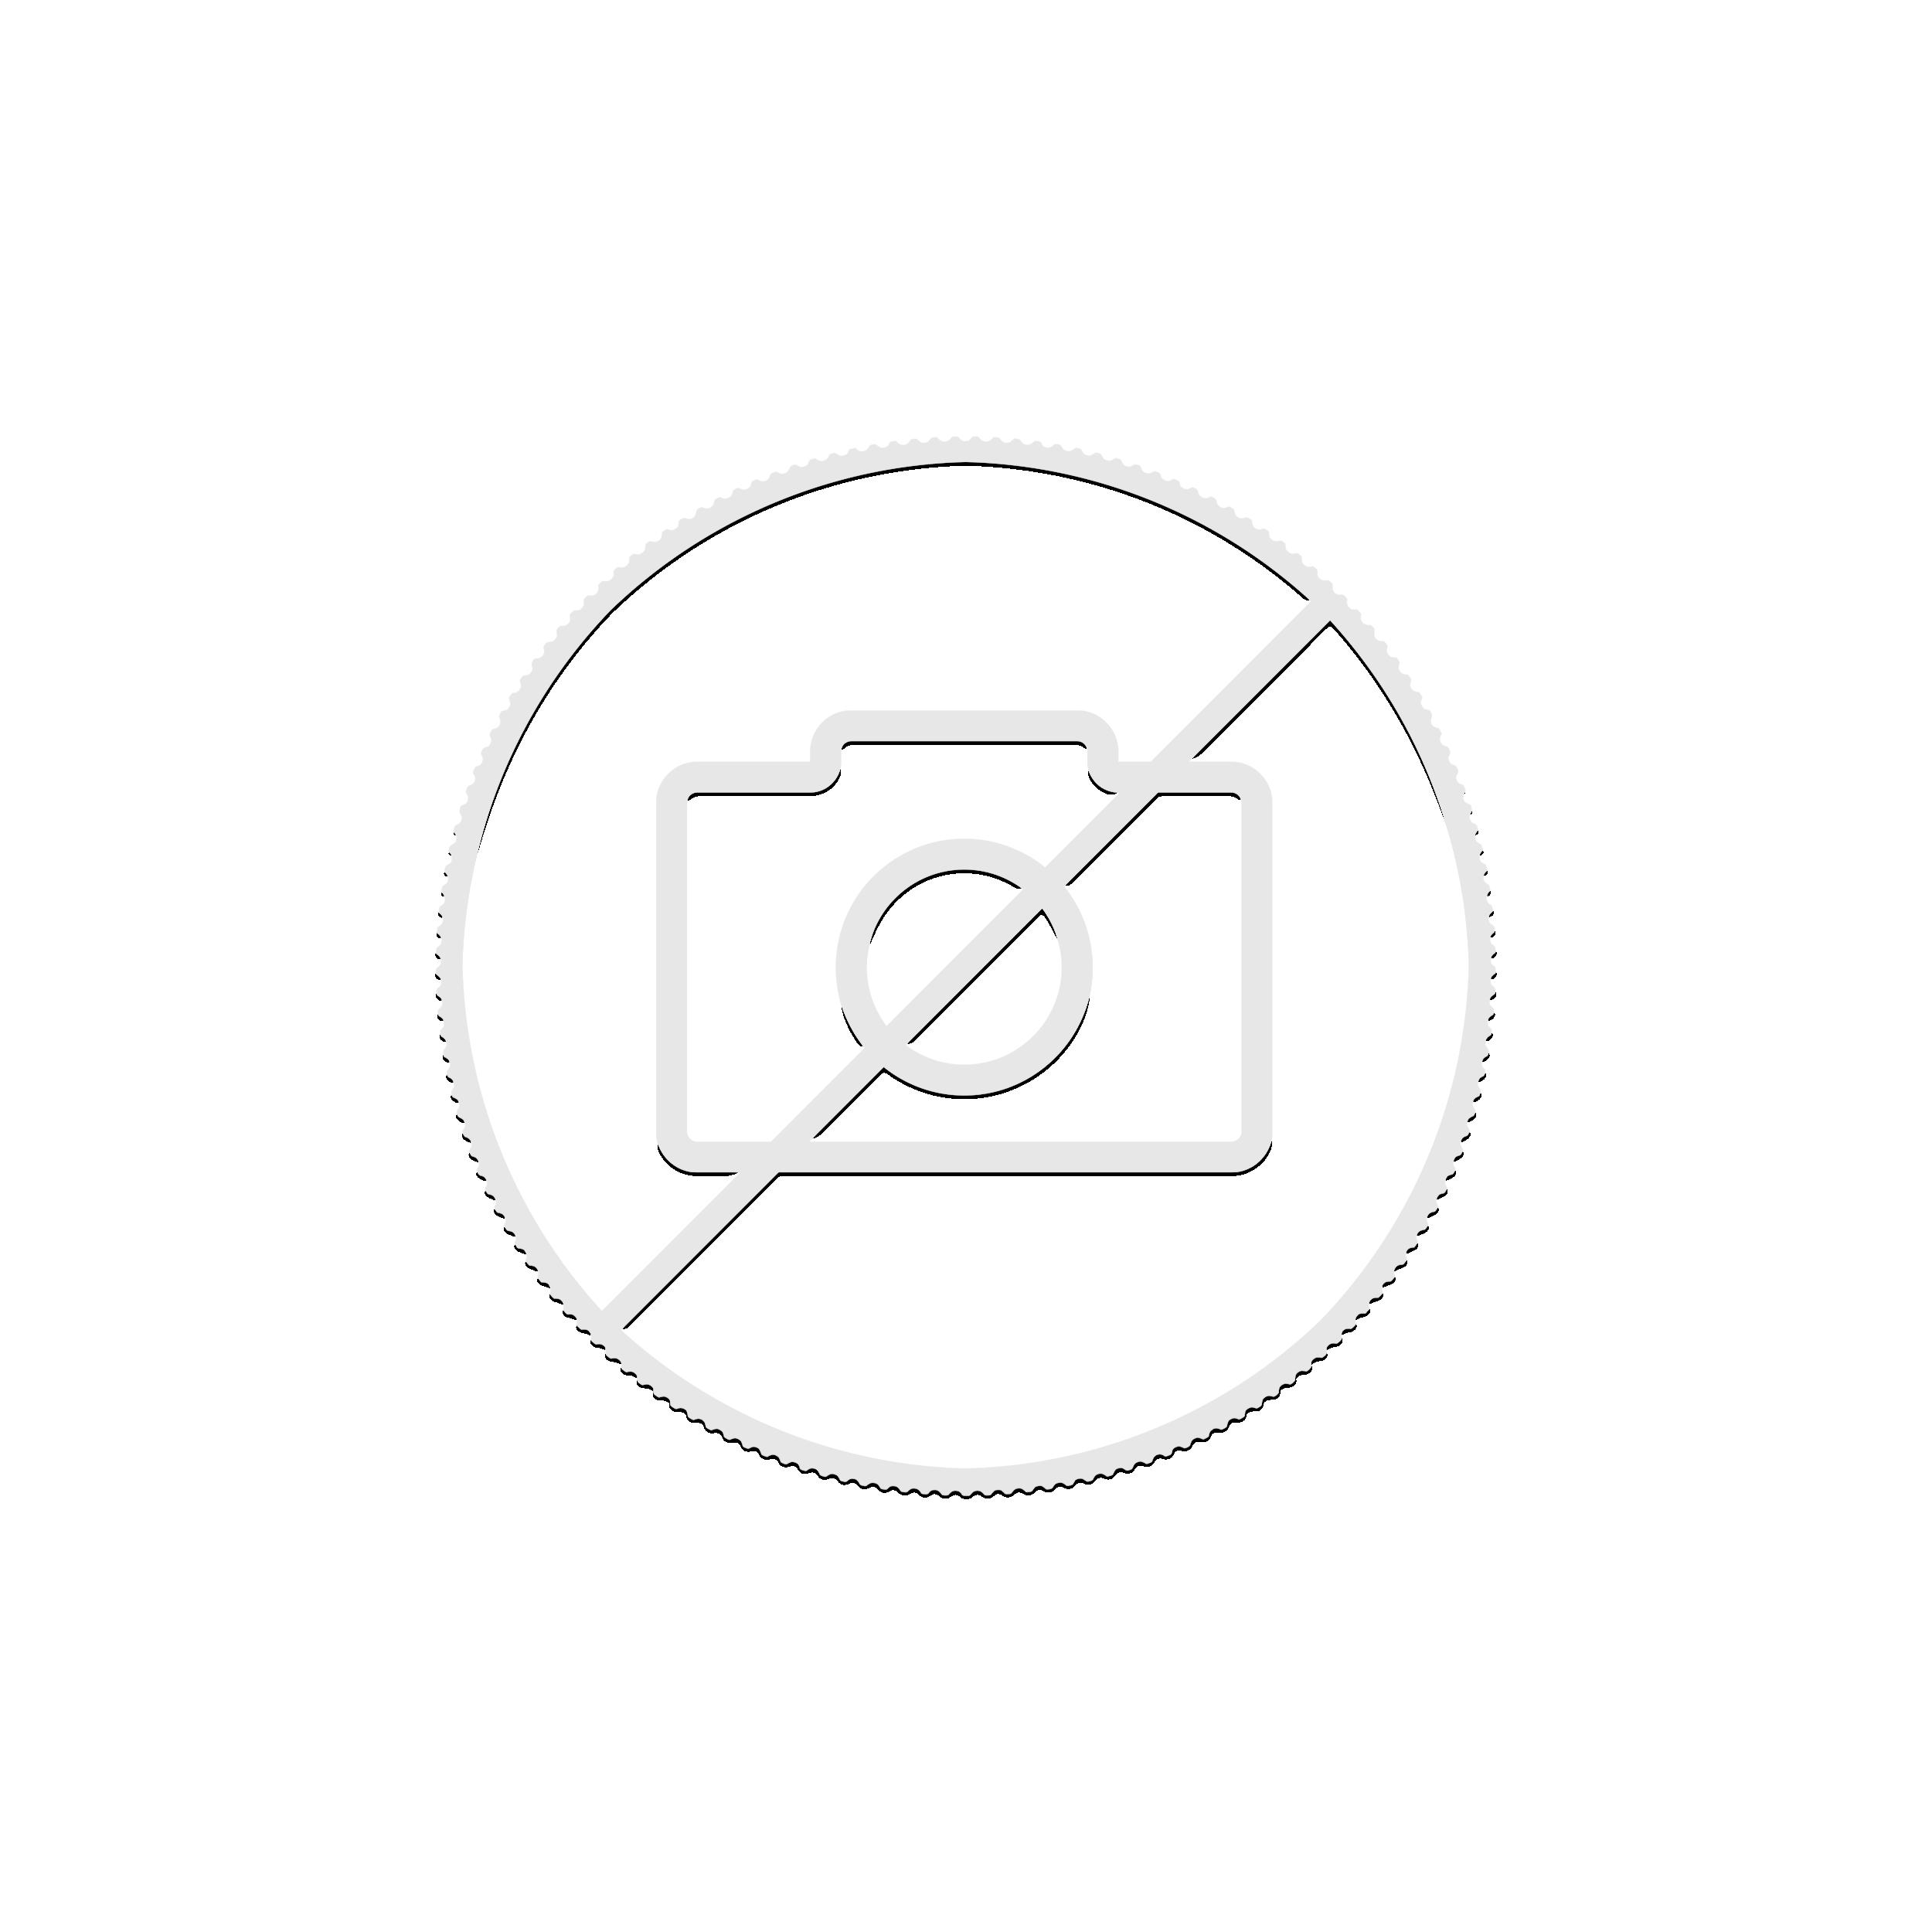 1 Troy ounce zilveren munt Disney Lunar jaar van de muis - Lang leven 2020